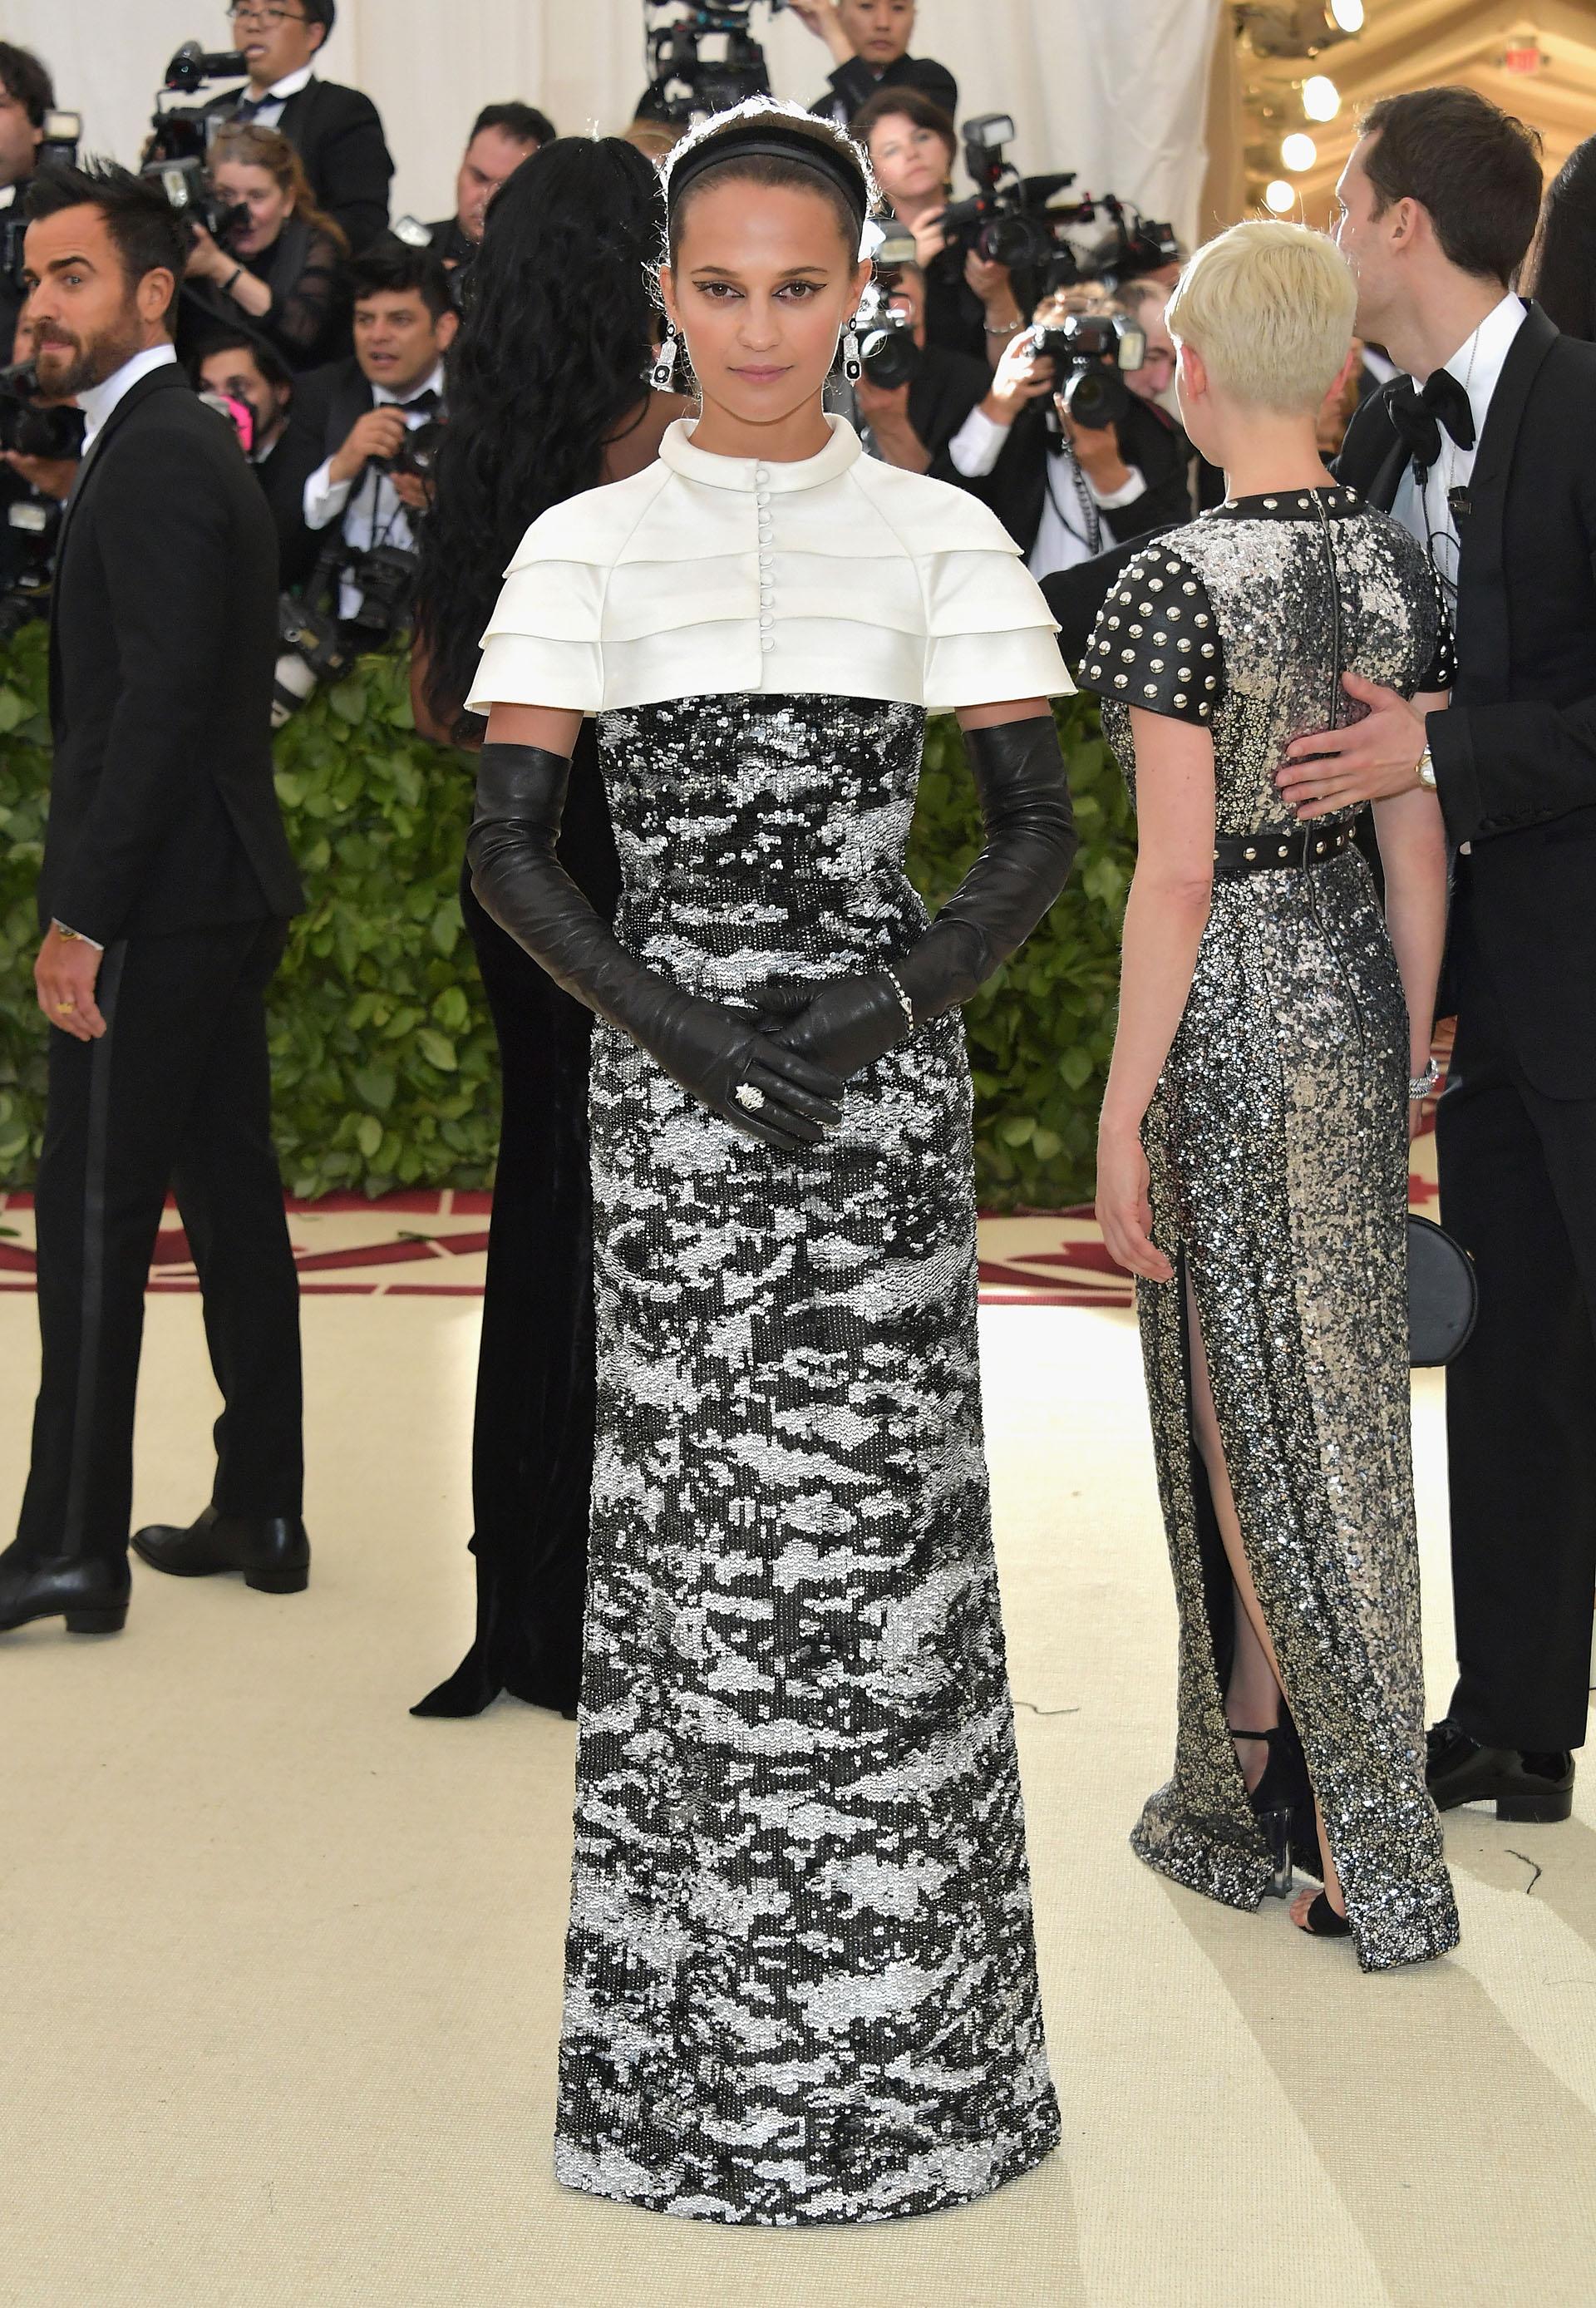 Alicia Vikander lookeada de pies a cabeza bajo la temática